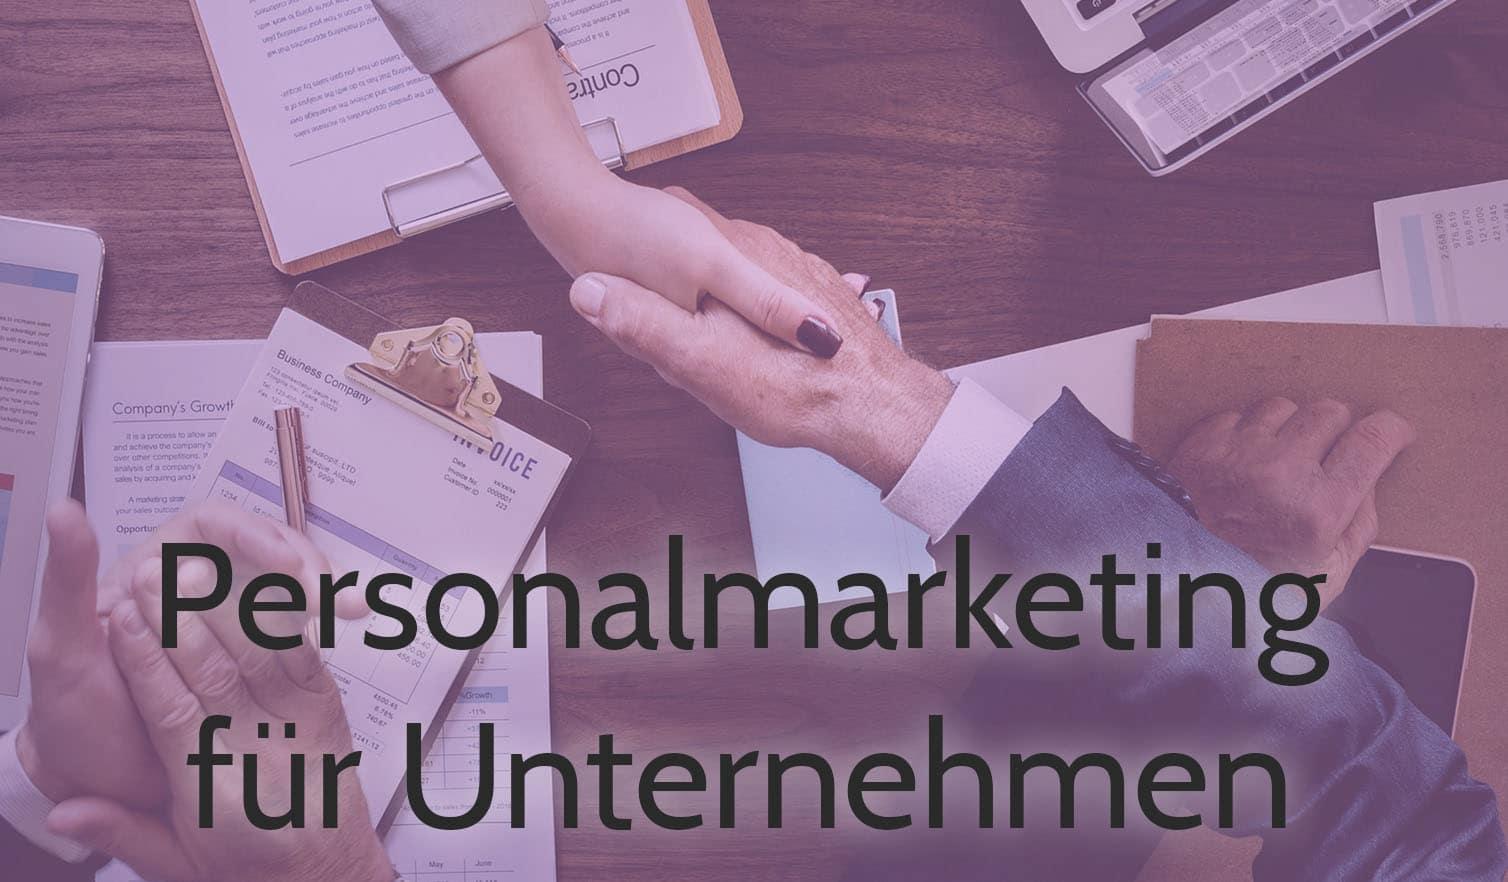 personalmarketing für unternehmen hände